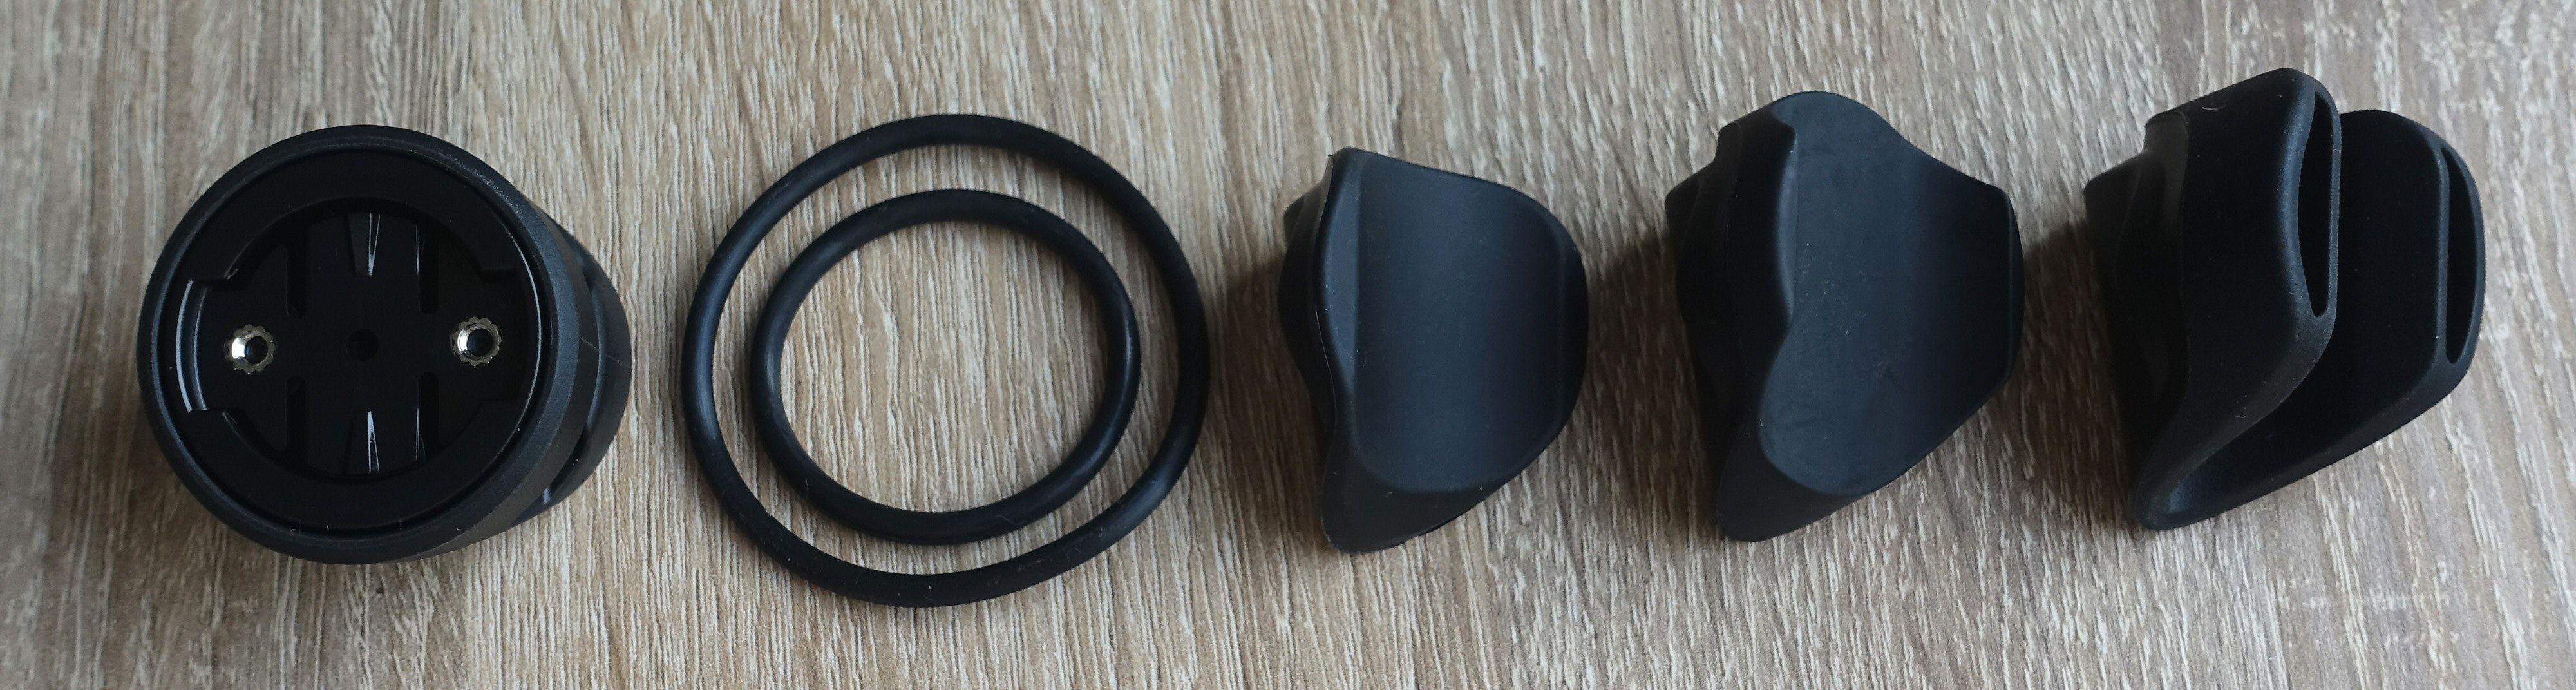 Universalbrakett, stropper og medfølgende adaptere.